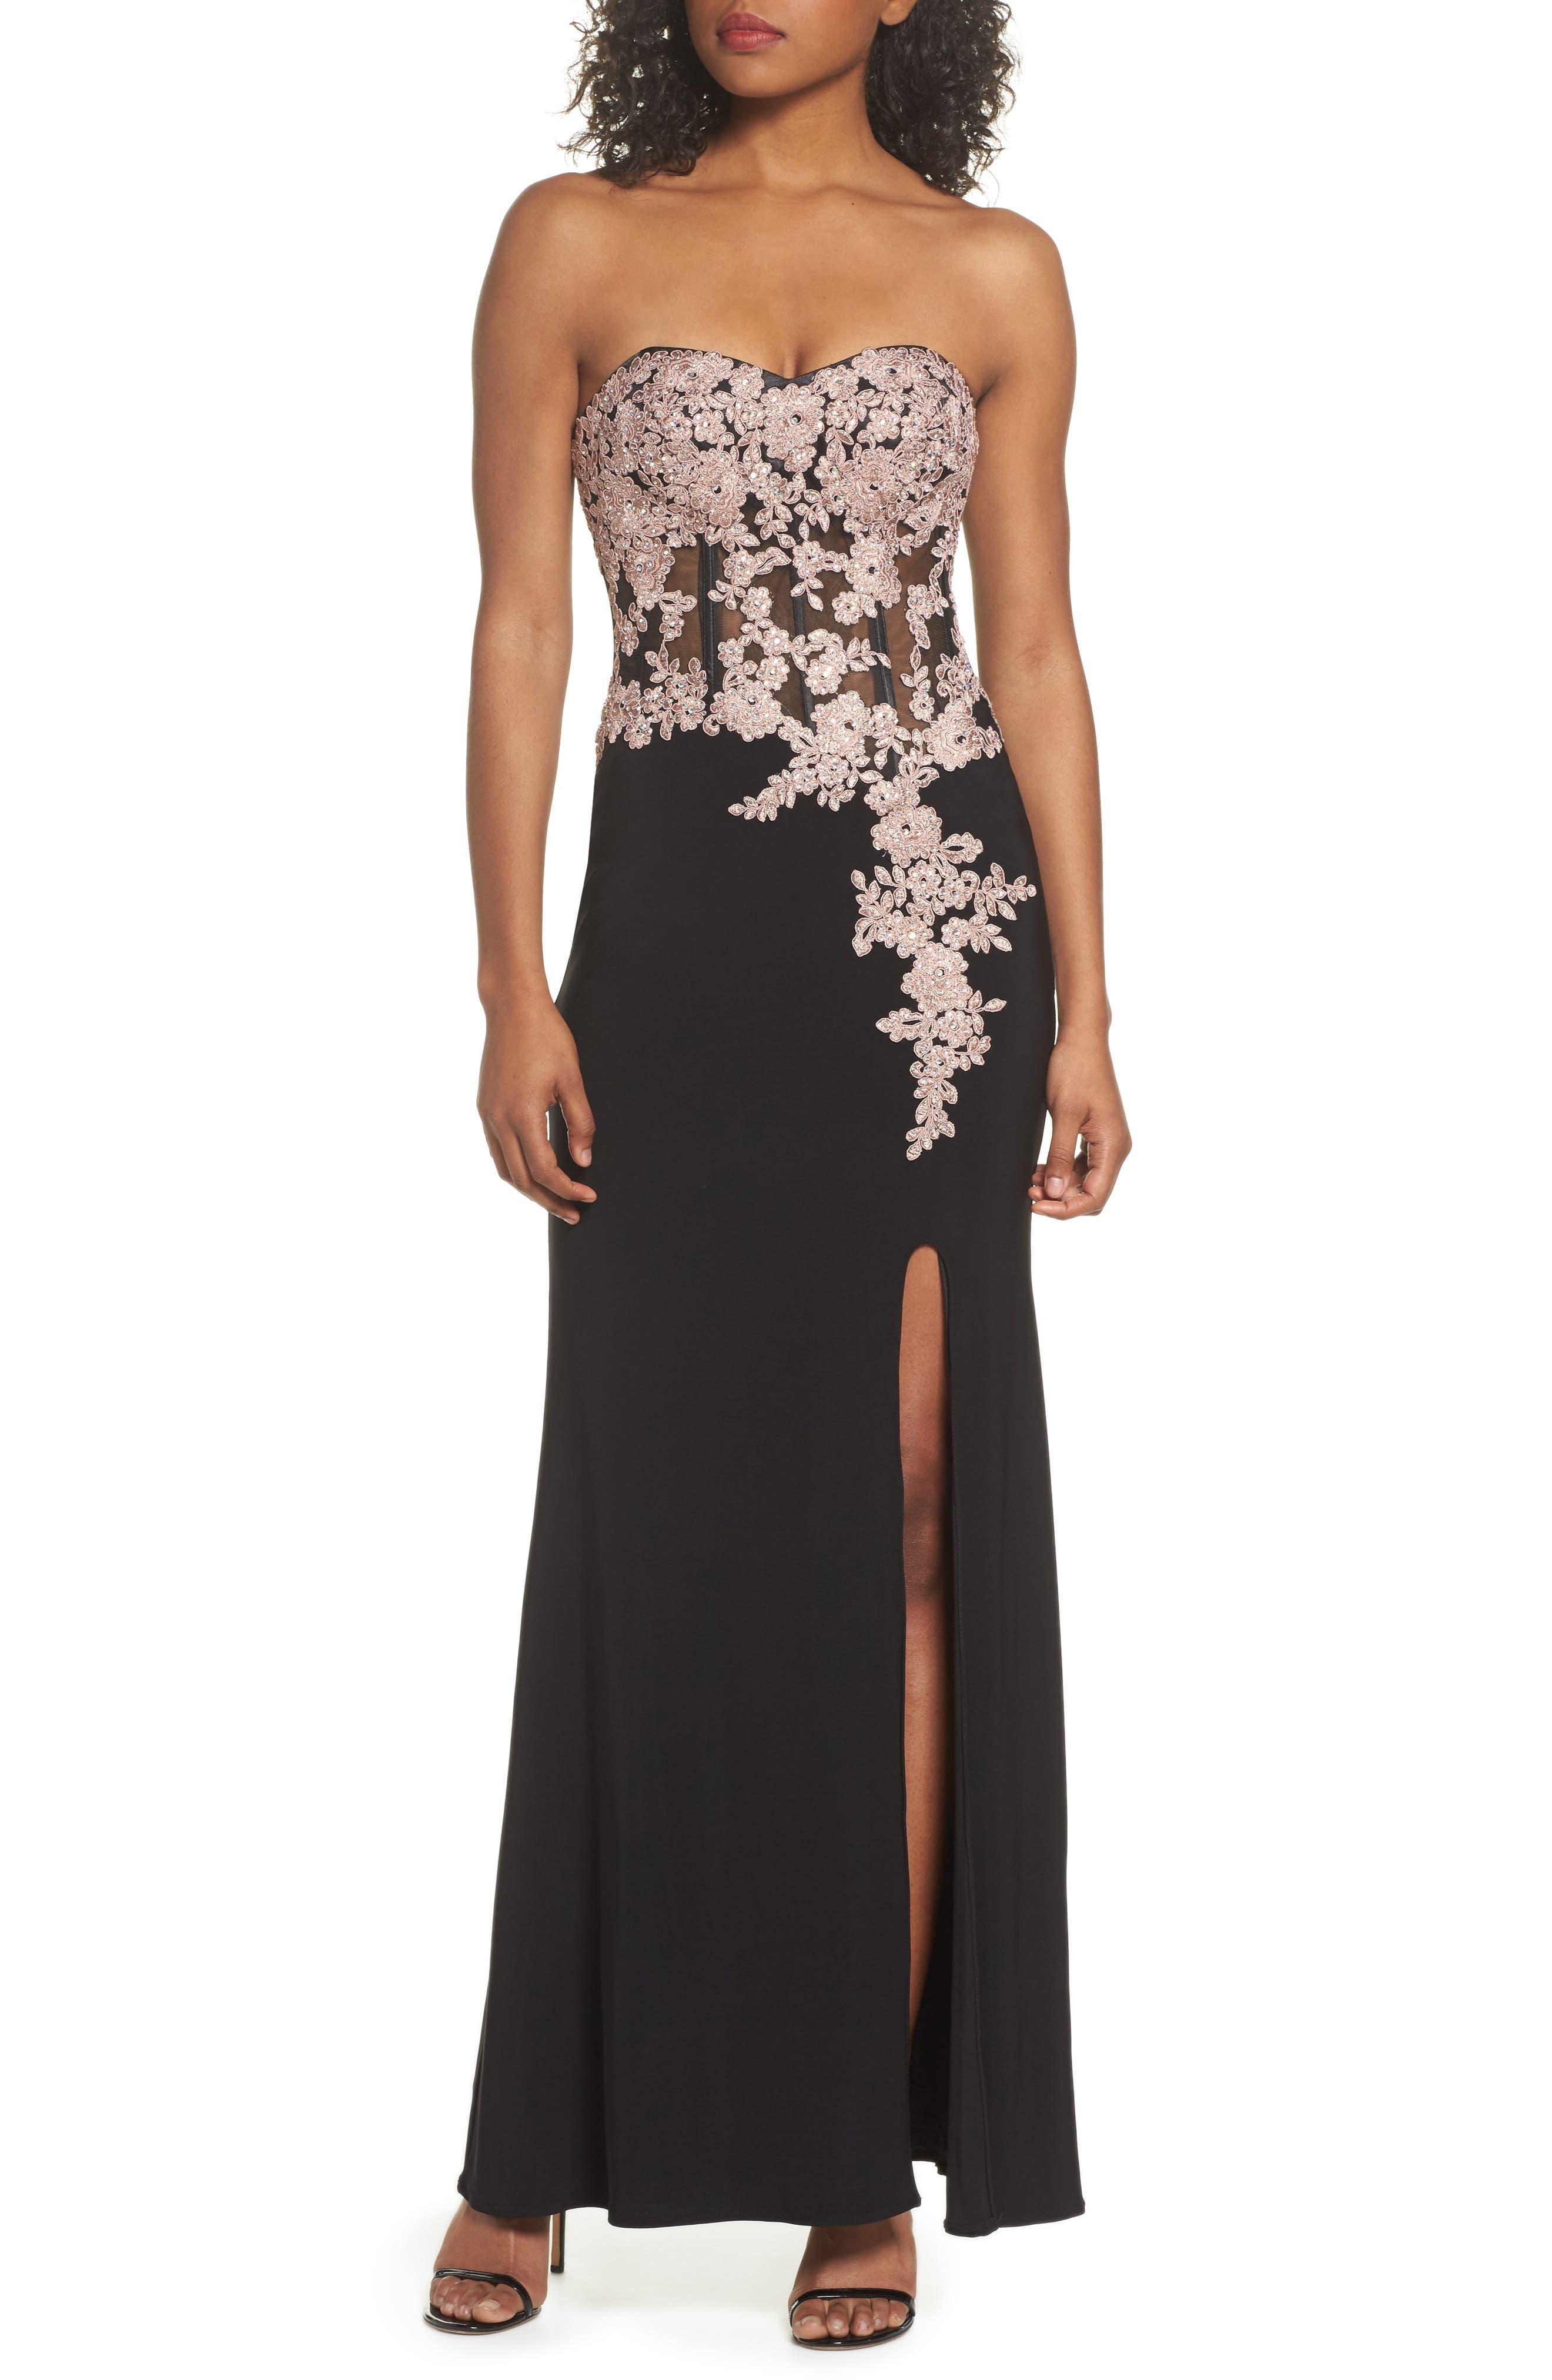 BLONDIE NITES,                             Appliqué Strapless Bustier Gown,                             Main thumbnail 1, color,                             015